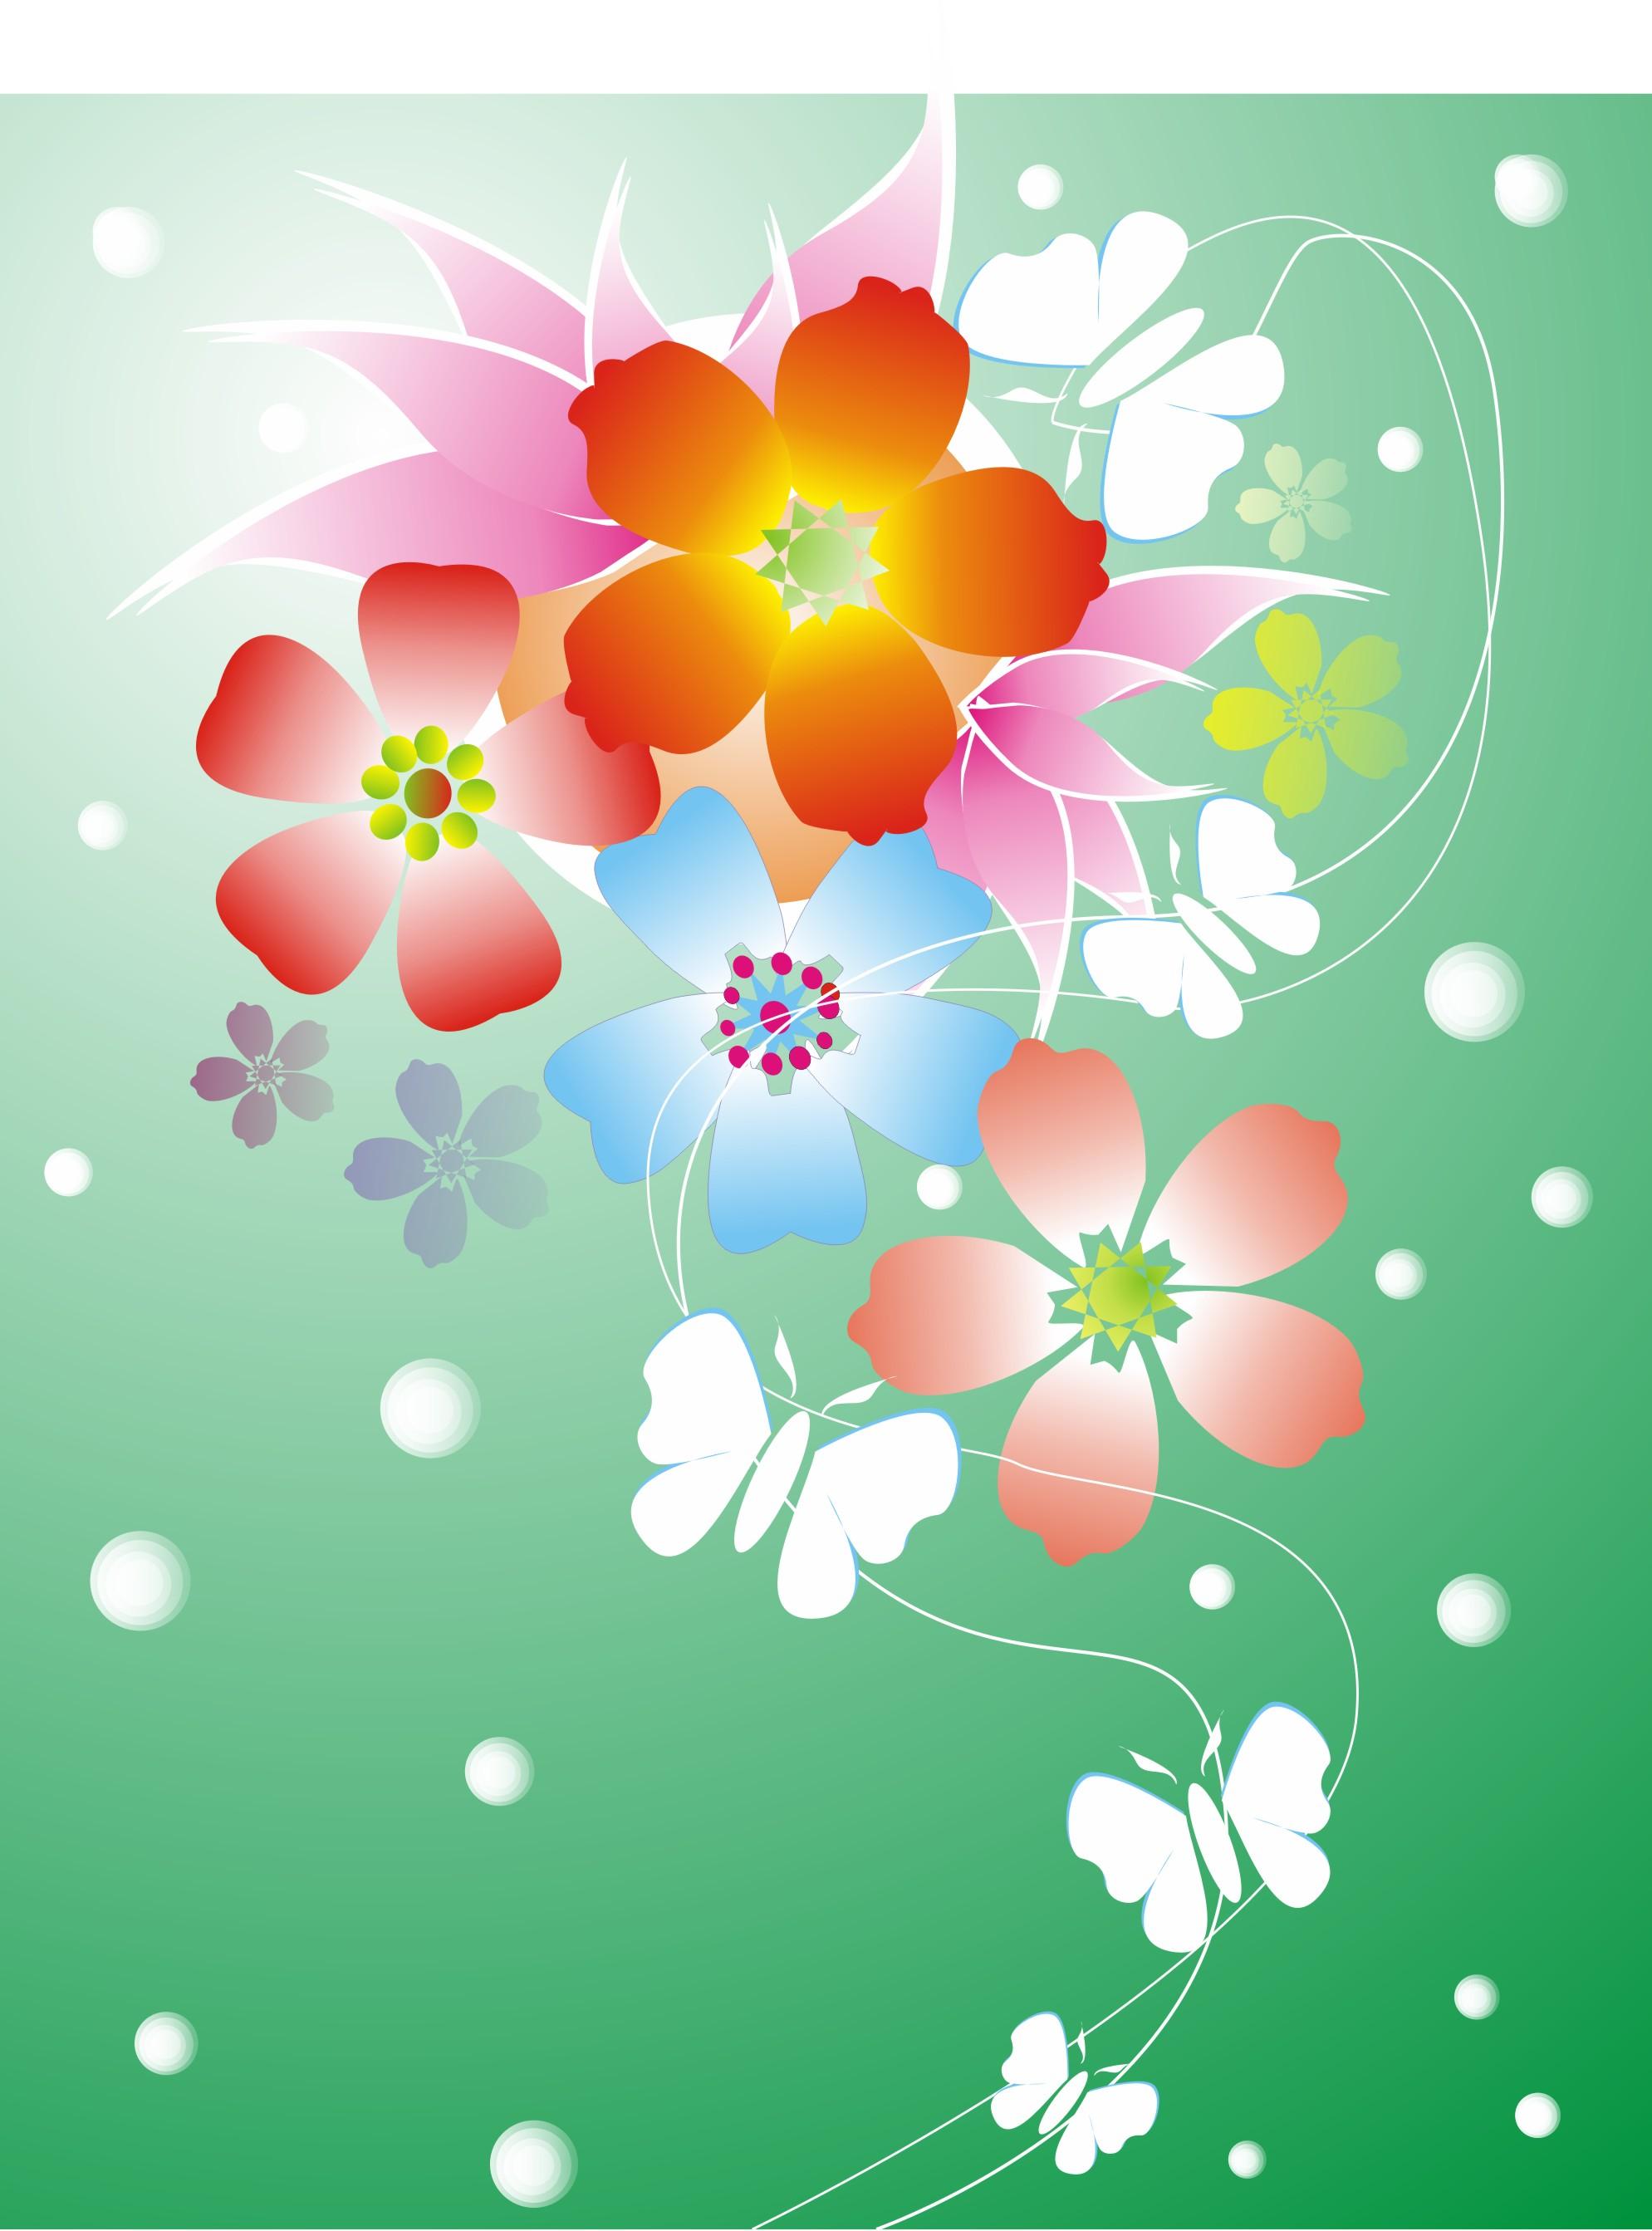 梦幻蝶恋花手机壁纸图片 3d图库发布网www Tqhnet Com